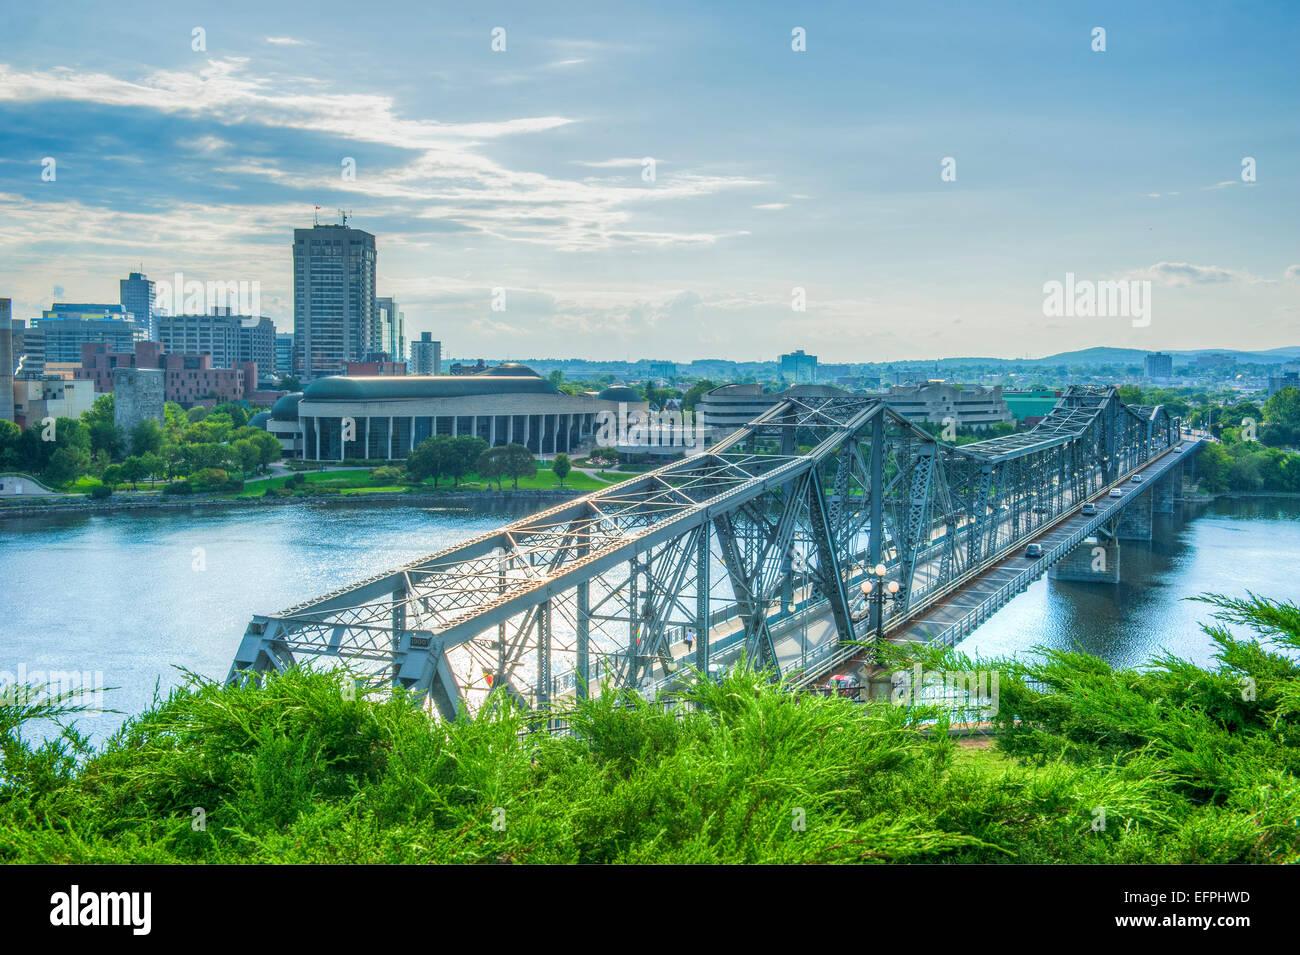 Vista desde el puente de Alexander Point Nepean, Ottawa, Ontario, Canadá, Norteamérica Imagen De Stock